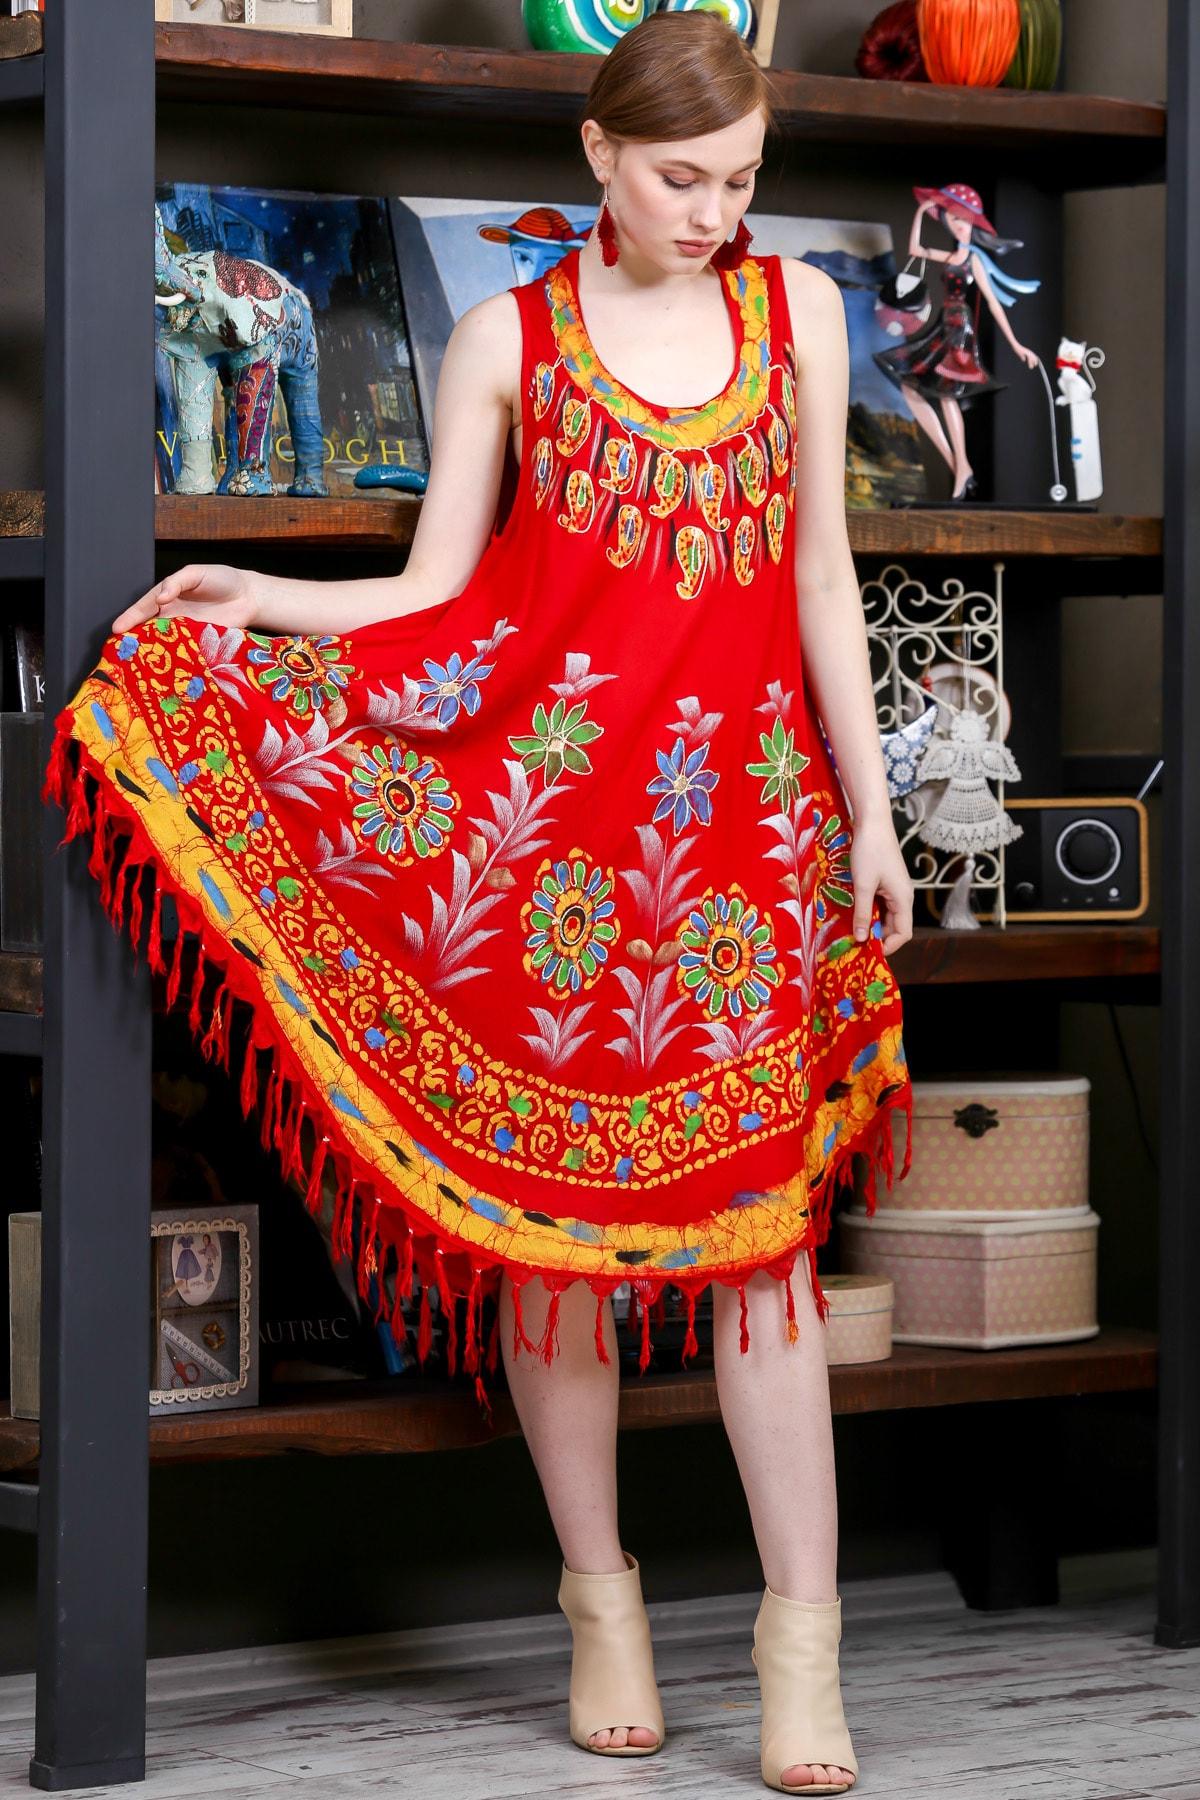 Chiccy Kadın Kiremit Batik Yakası Ve Etek Ucu Çiçek Desenli Salaş Dokuma Elbise M10160000EL95137 0